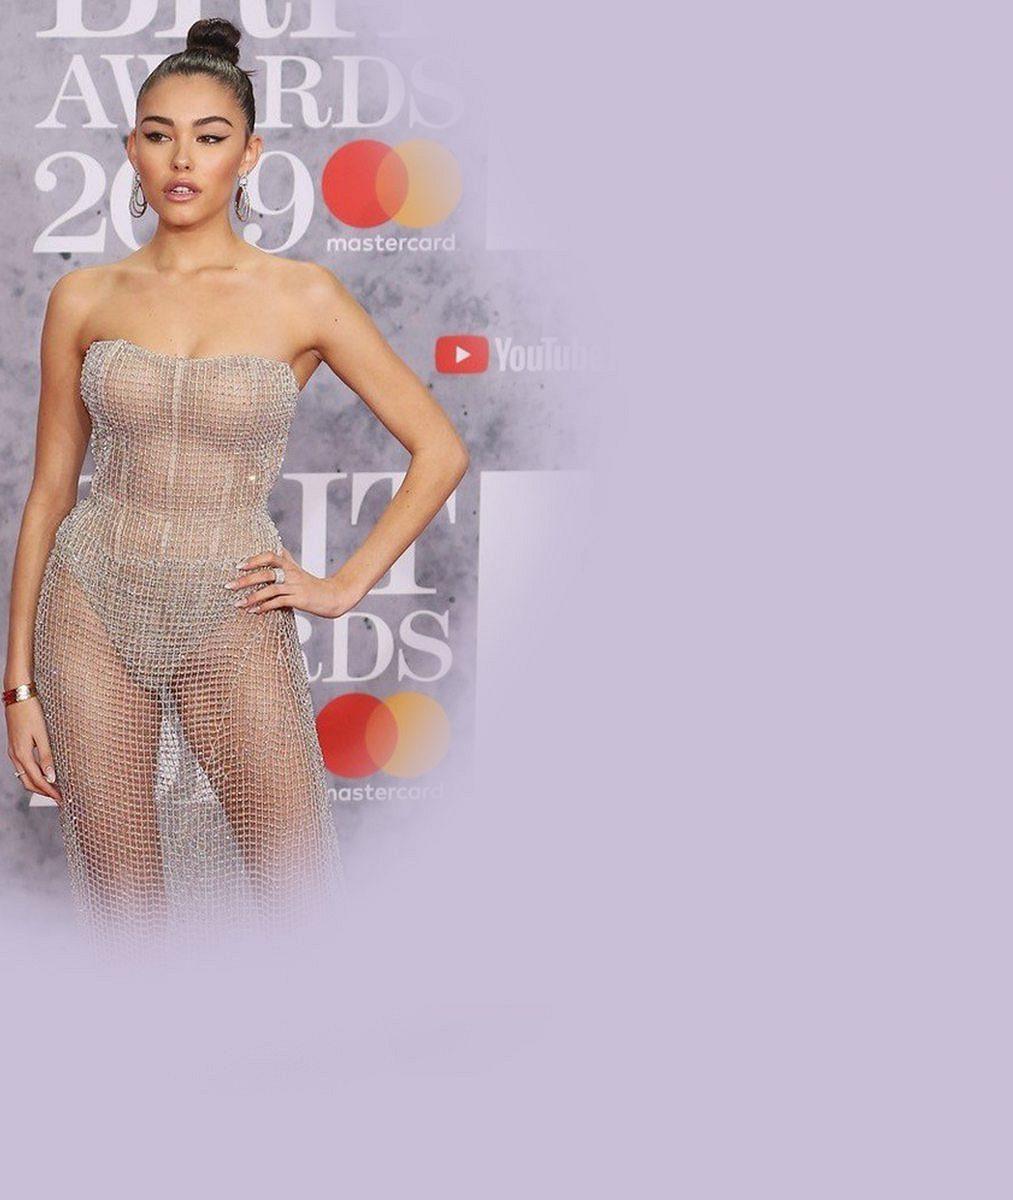 7 strašidel z BRIT Awards: Morticia, holý zadek, vánoční výzdoba i Hvězdné války